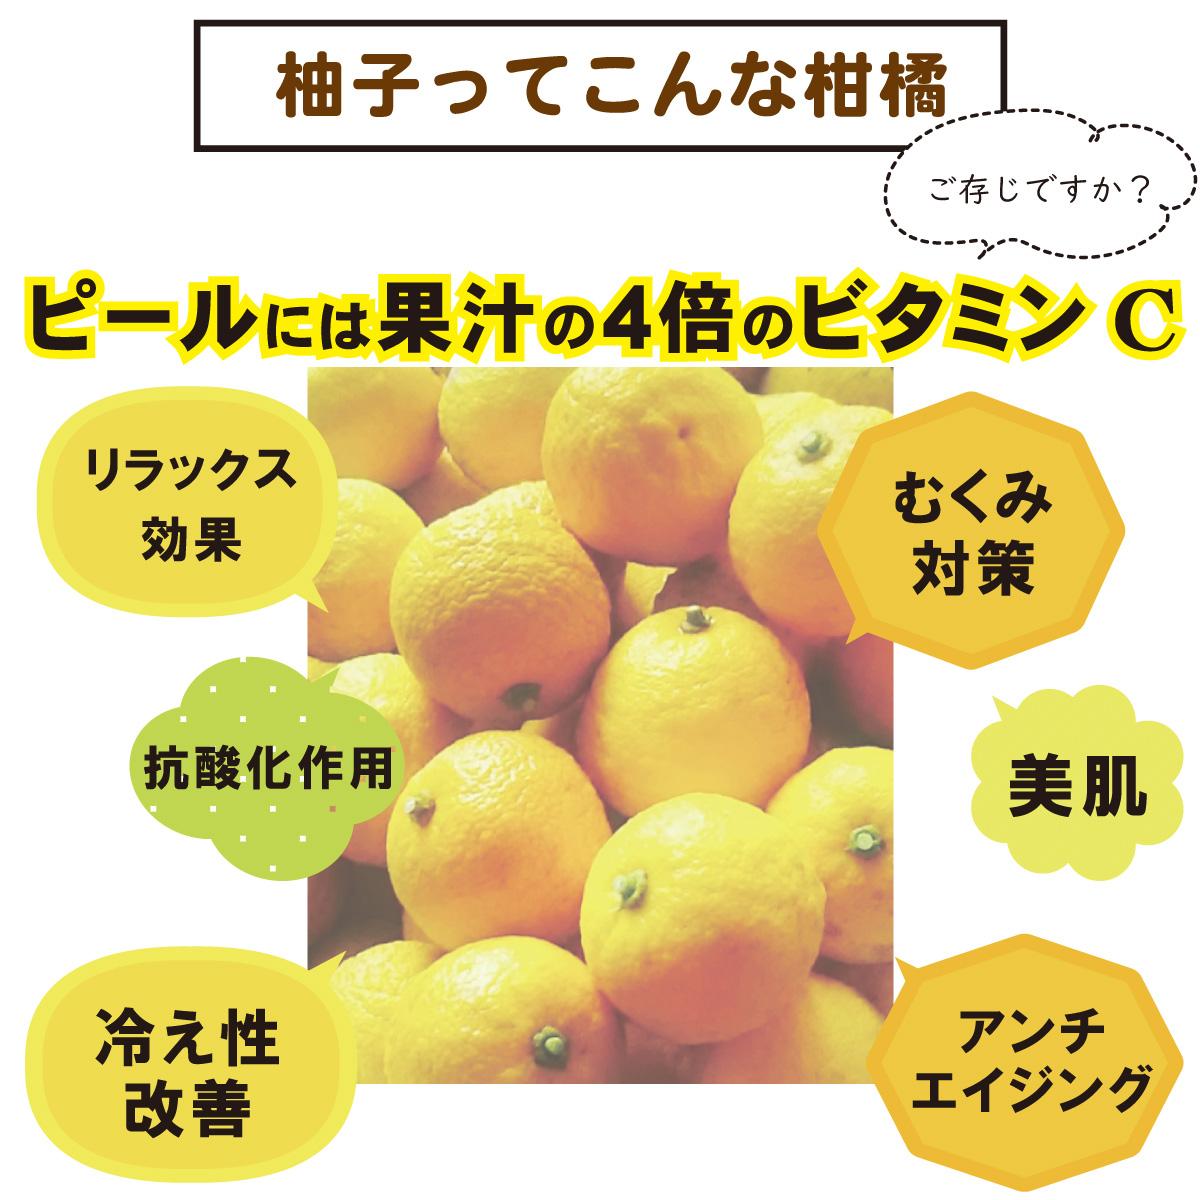 柚子ってこんな柑橘です